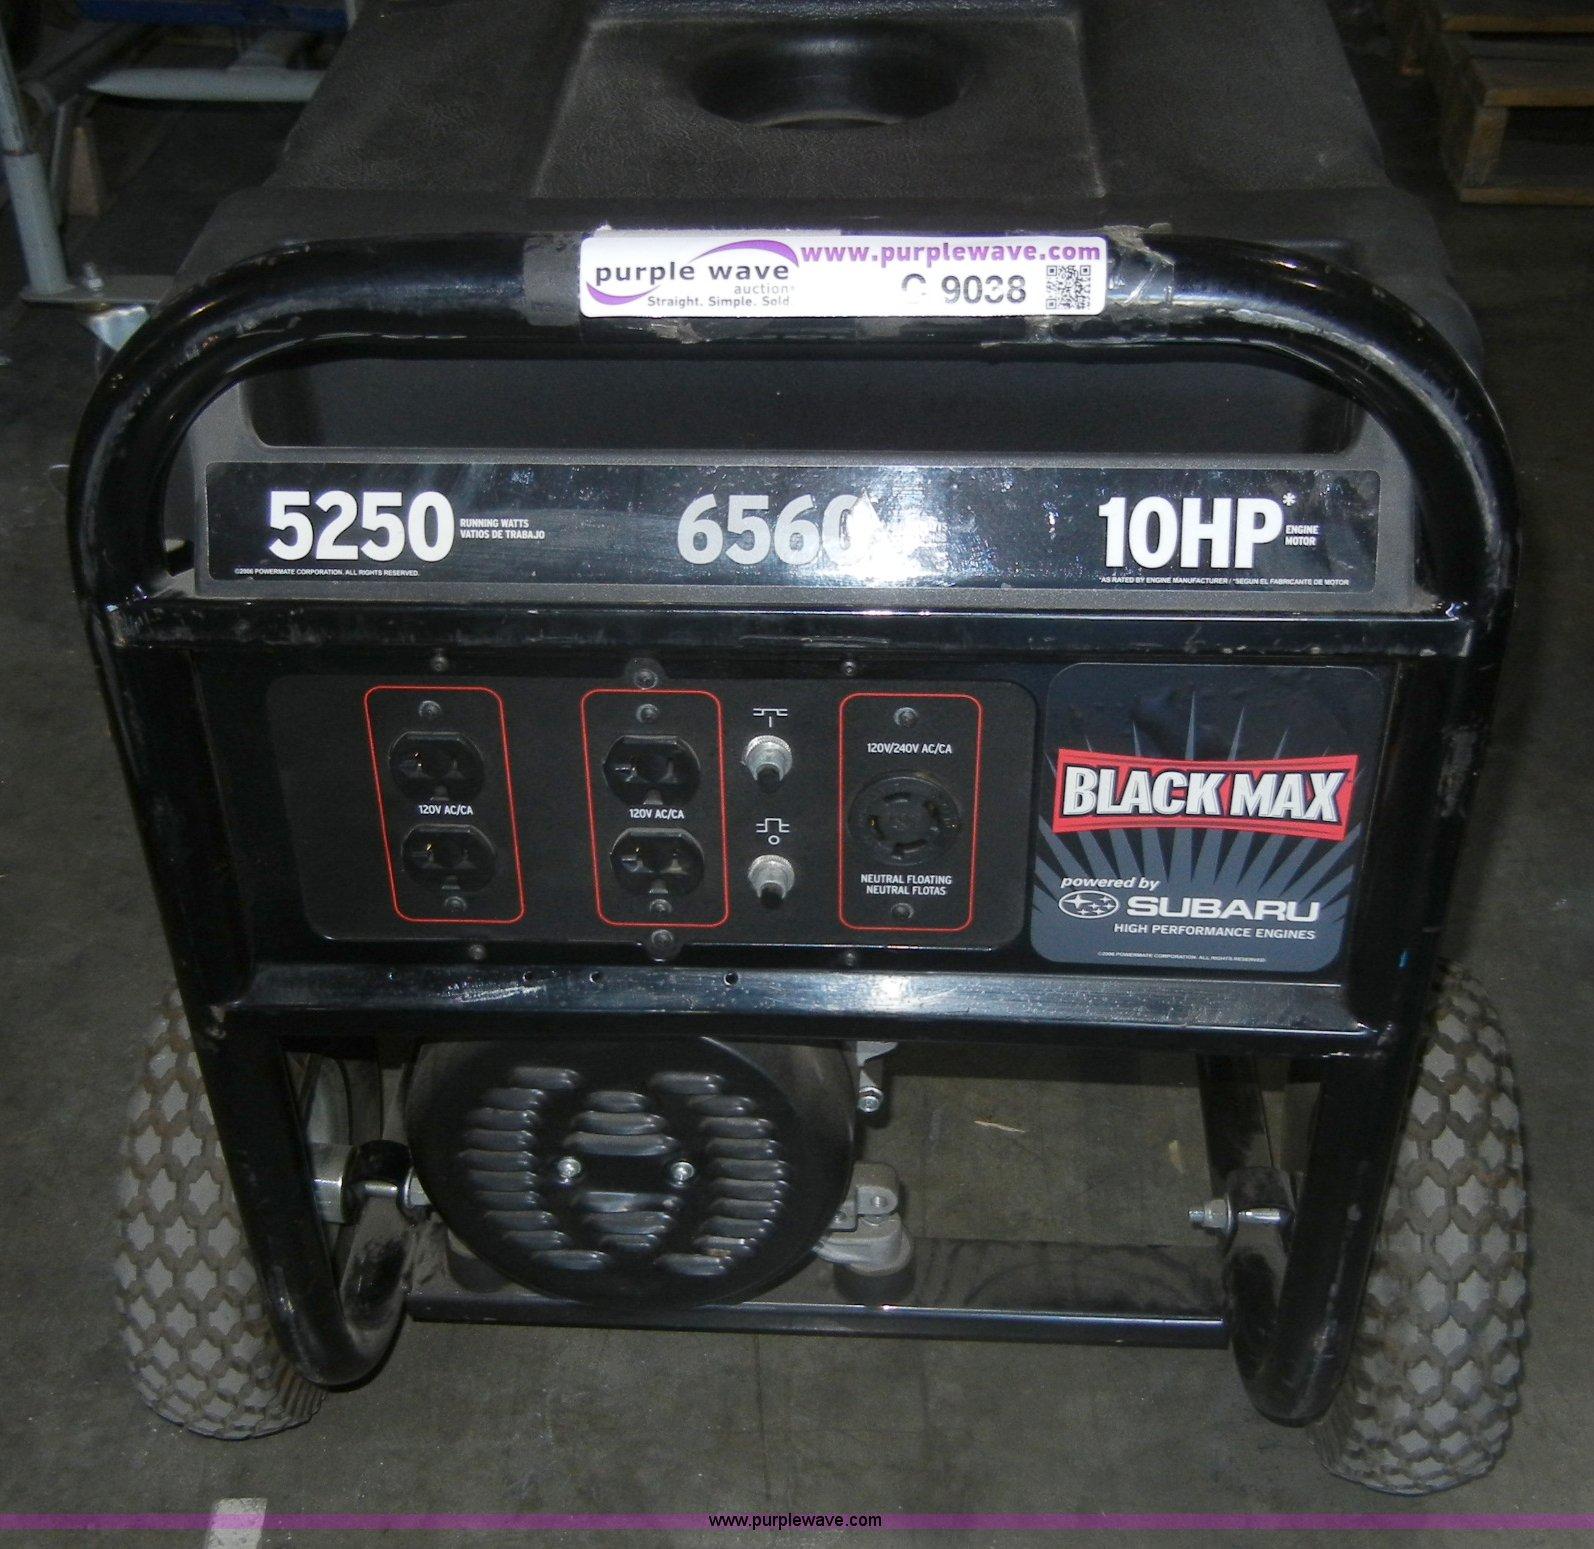 Black Max Pm0435255 10hp Generator Item C9038 10 4 2011